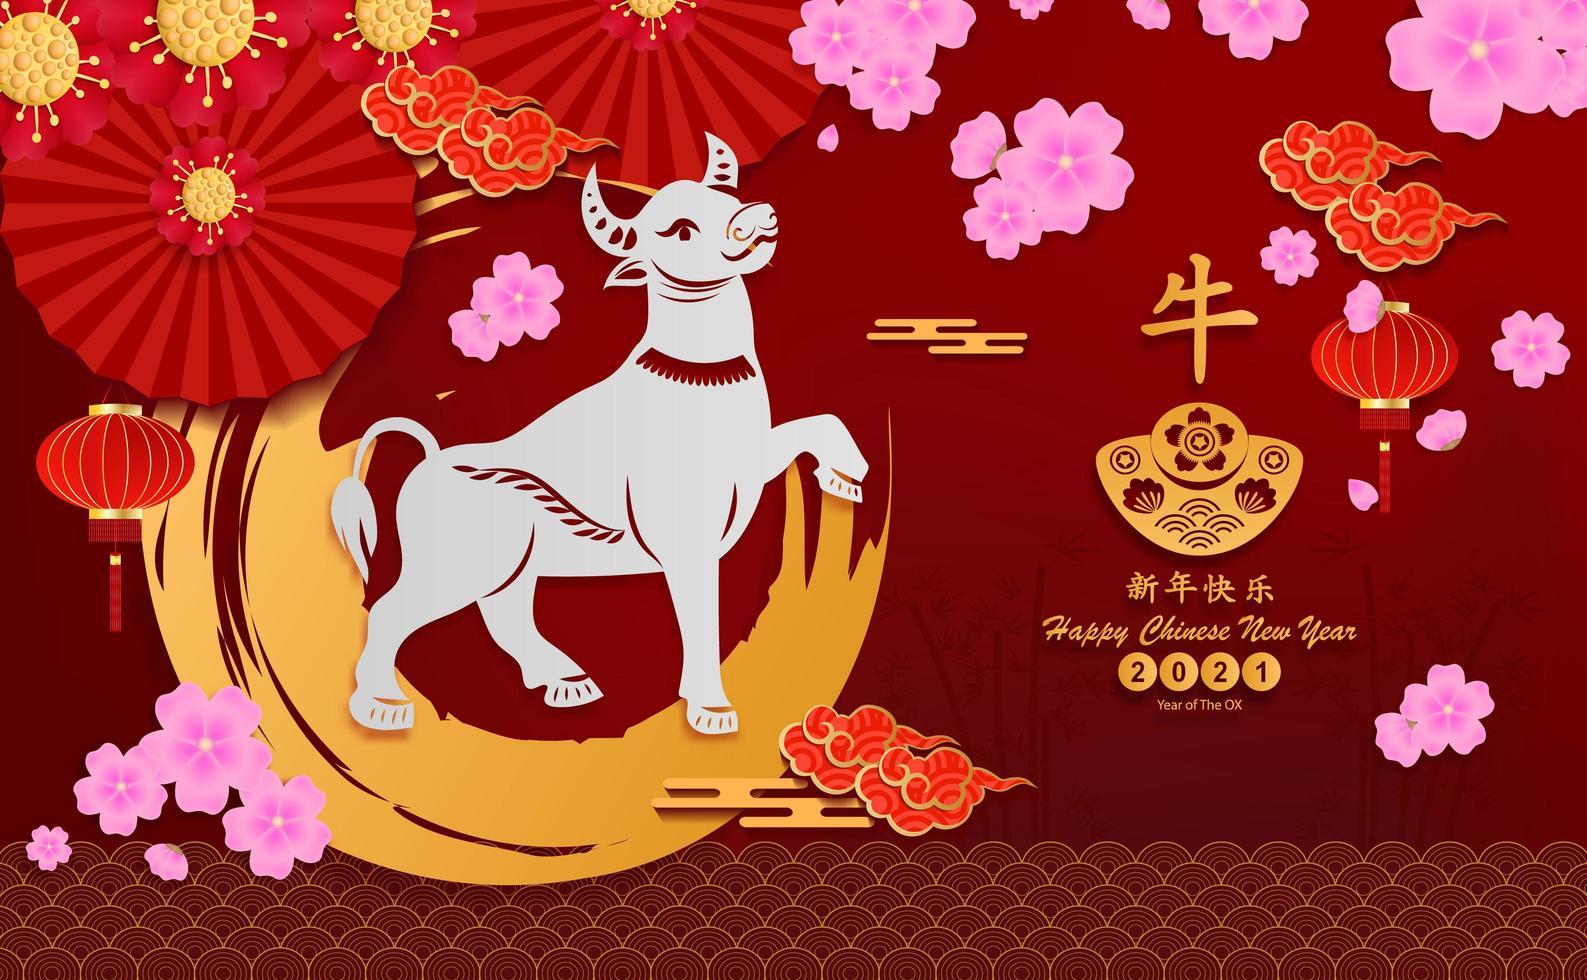 gott kinesiskt nyår 2021 vektor papper klippa ox asiatiska element och följare. kinesisk översättning är gott kinesiskt nyår 2021